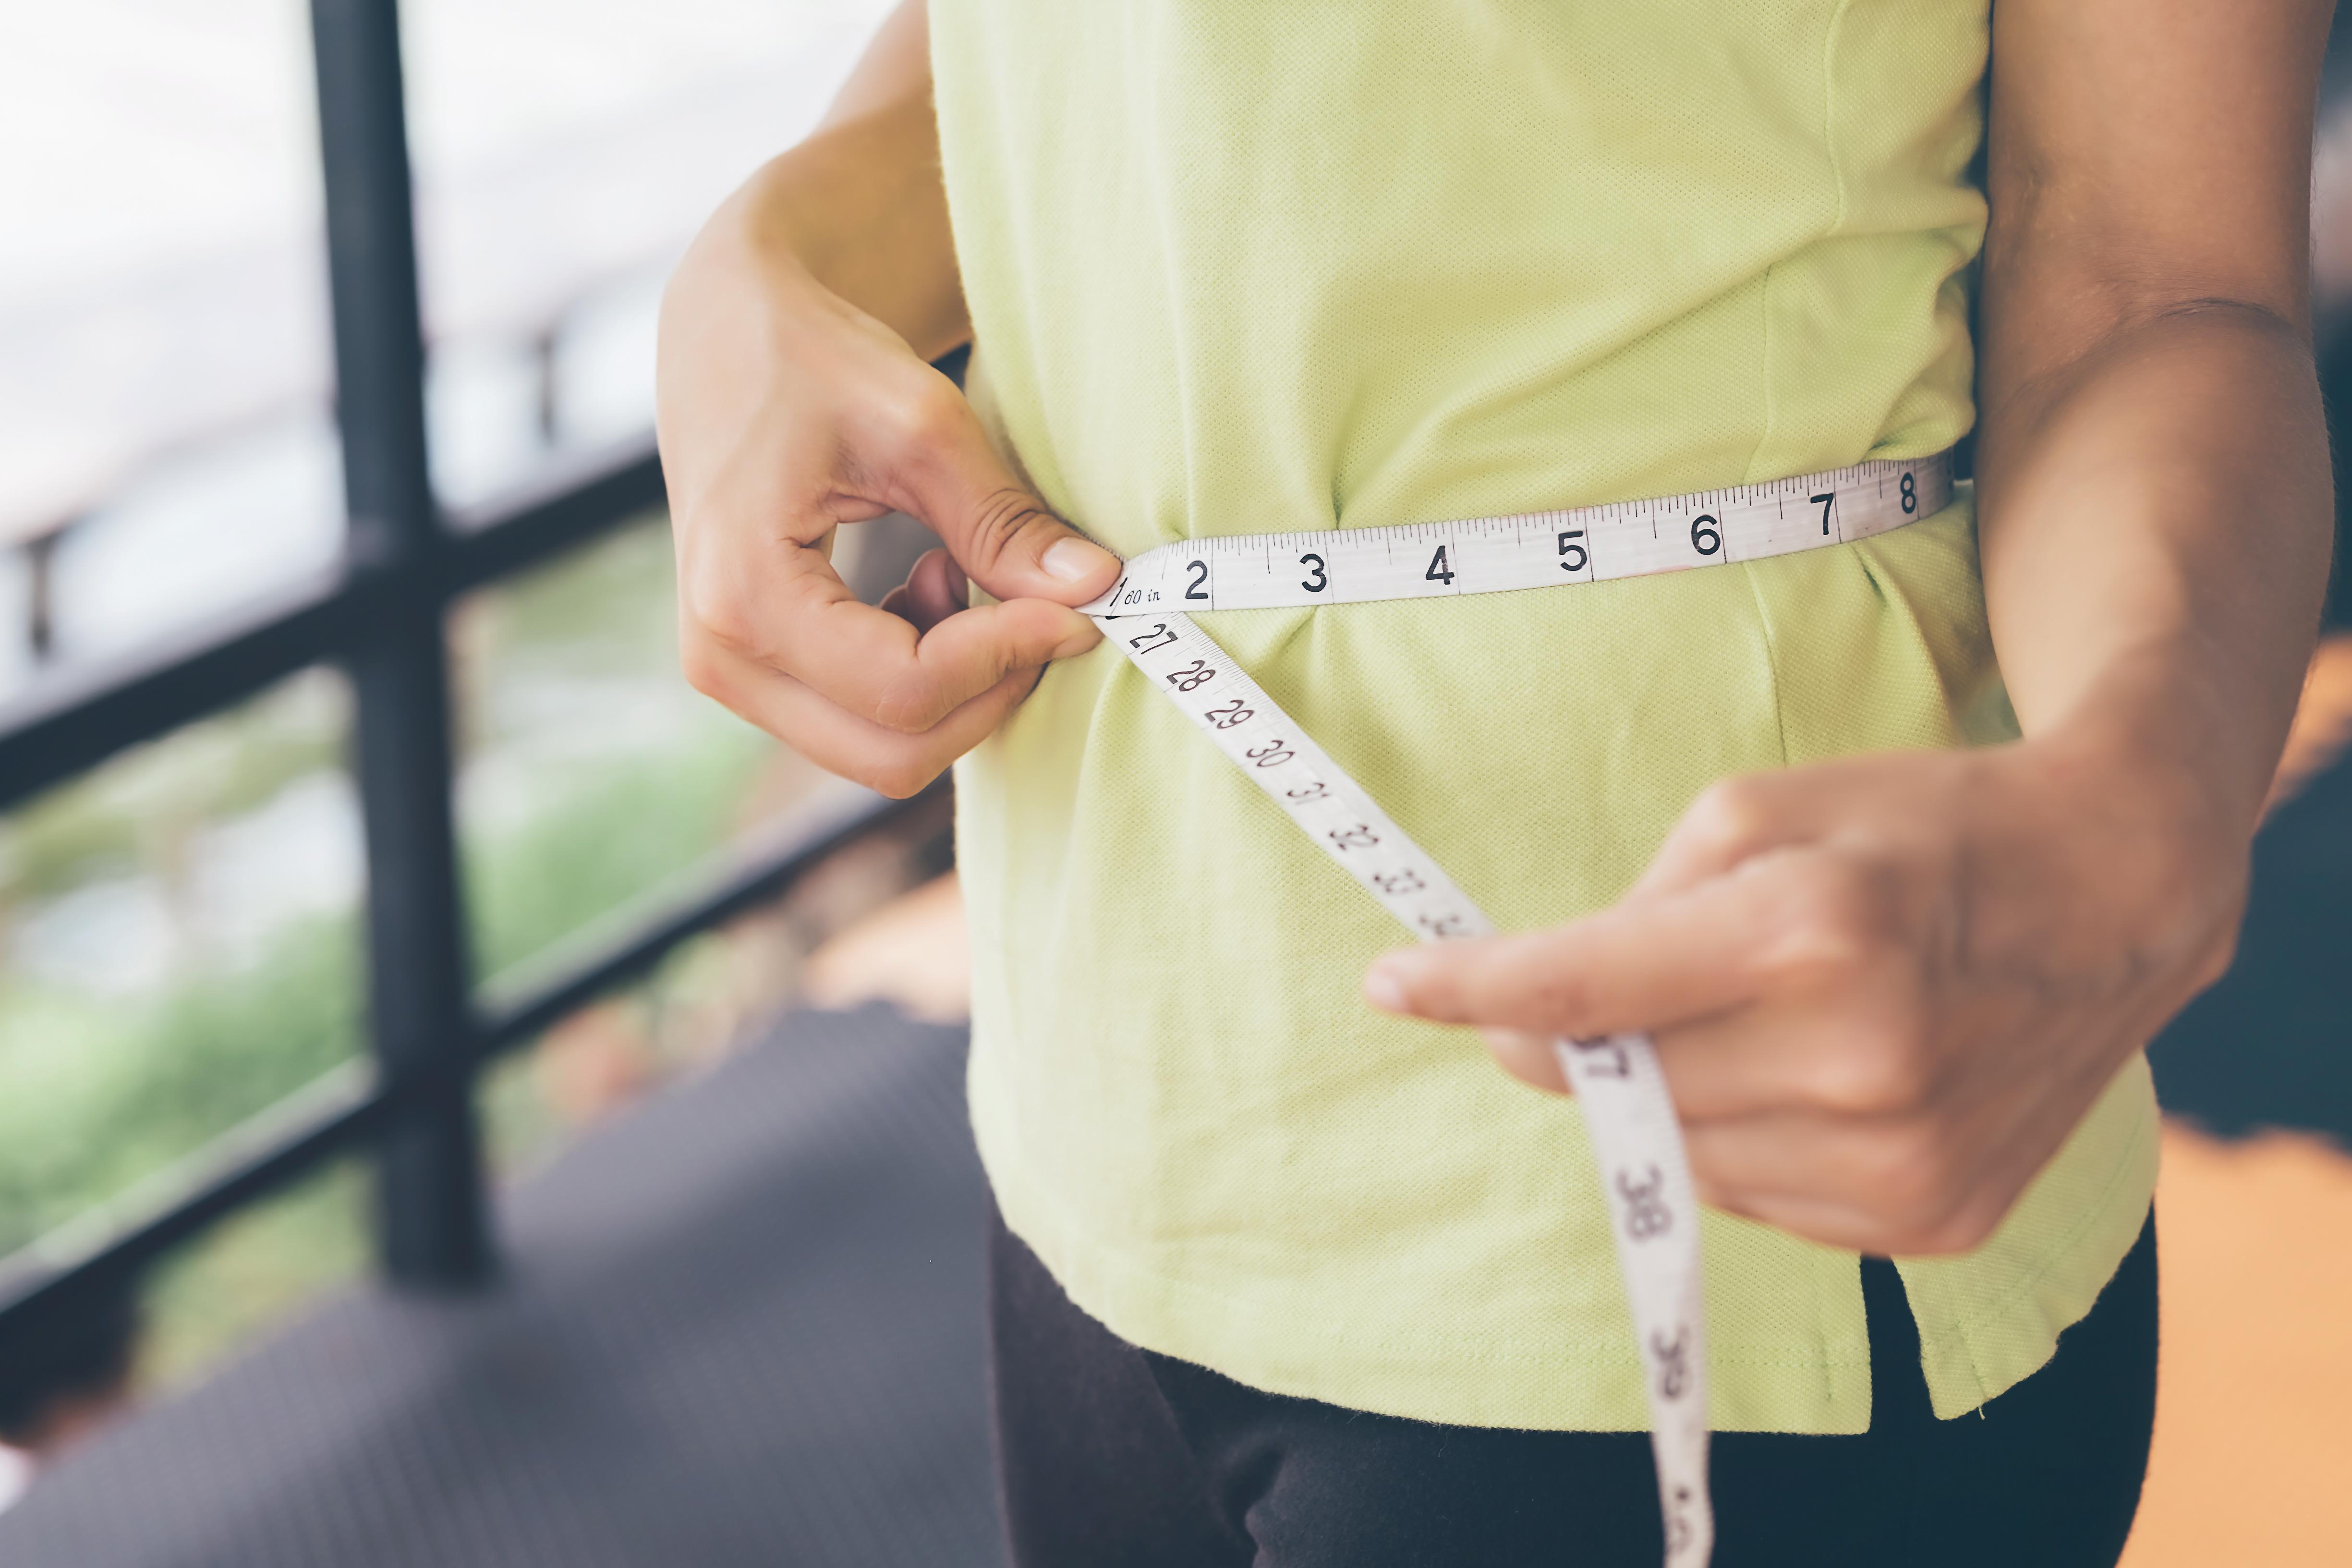 Як позбутися складок на животі: домашні процедури